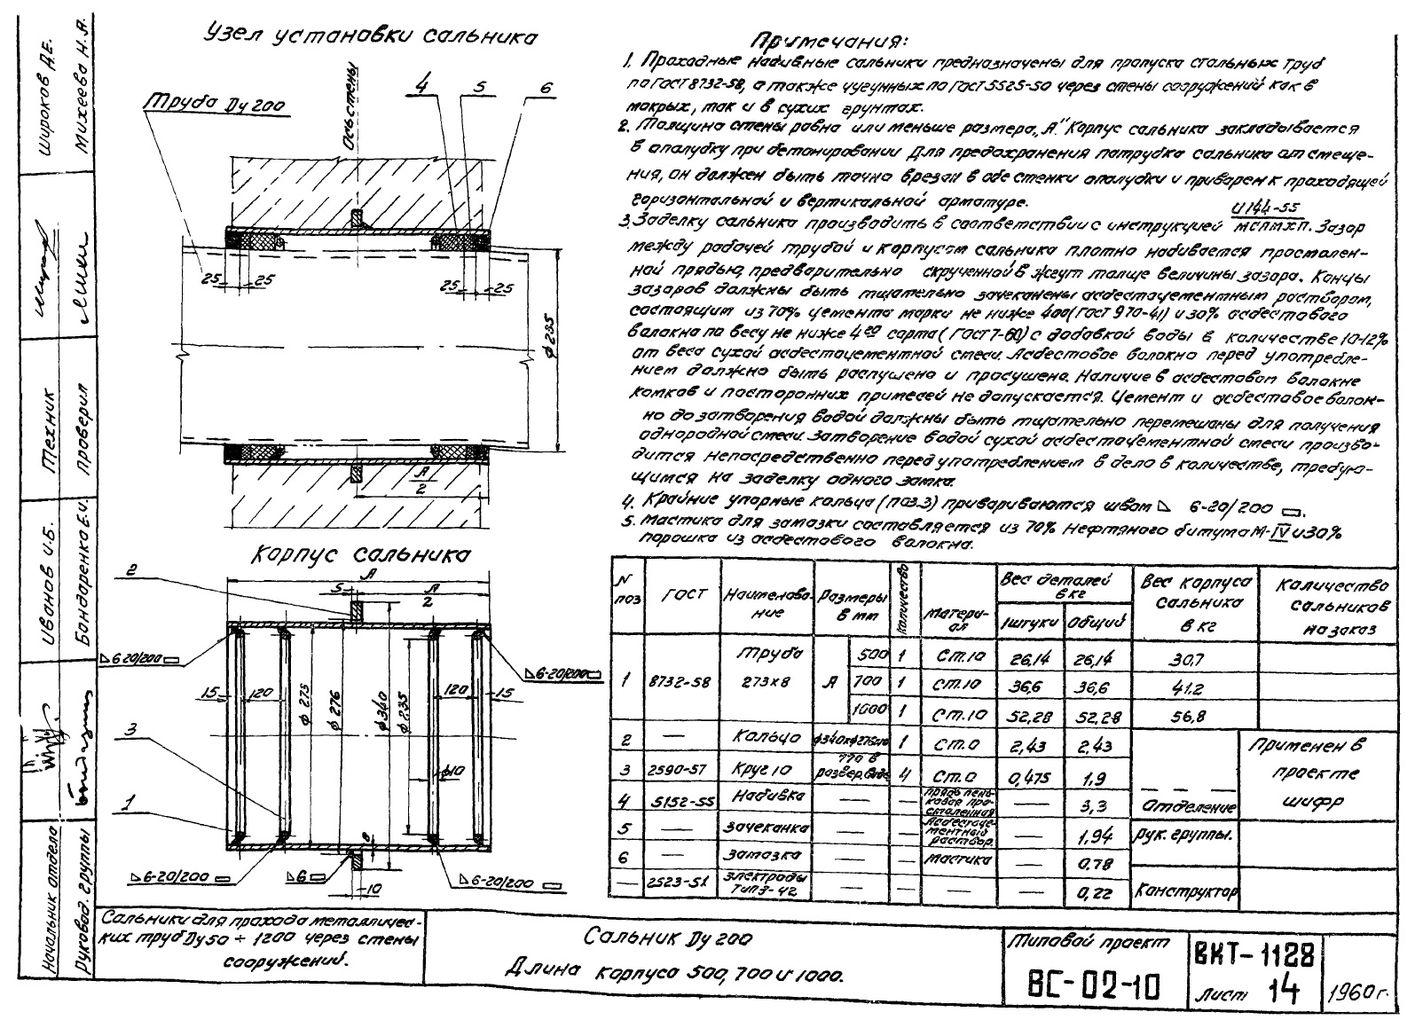 Сальники набивные L = 1000 мм типовой проект ВС-02-10 стр.6